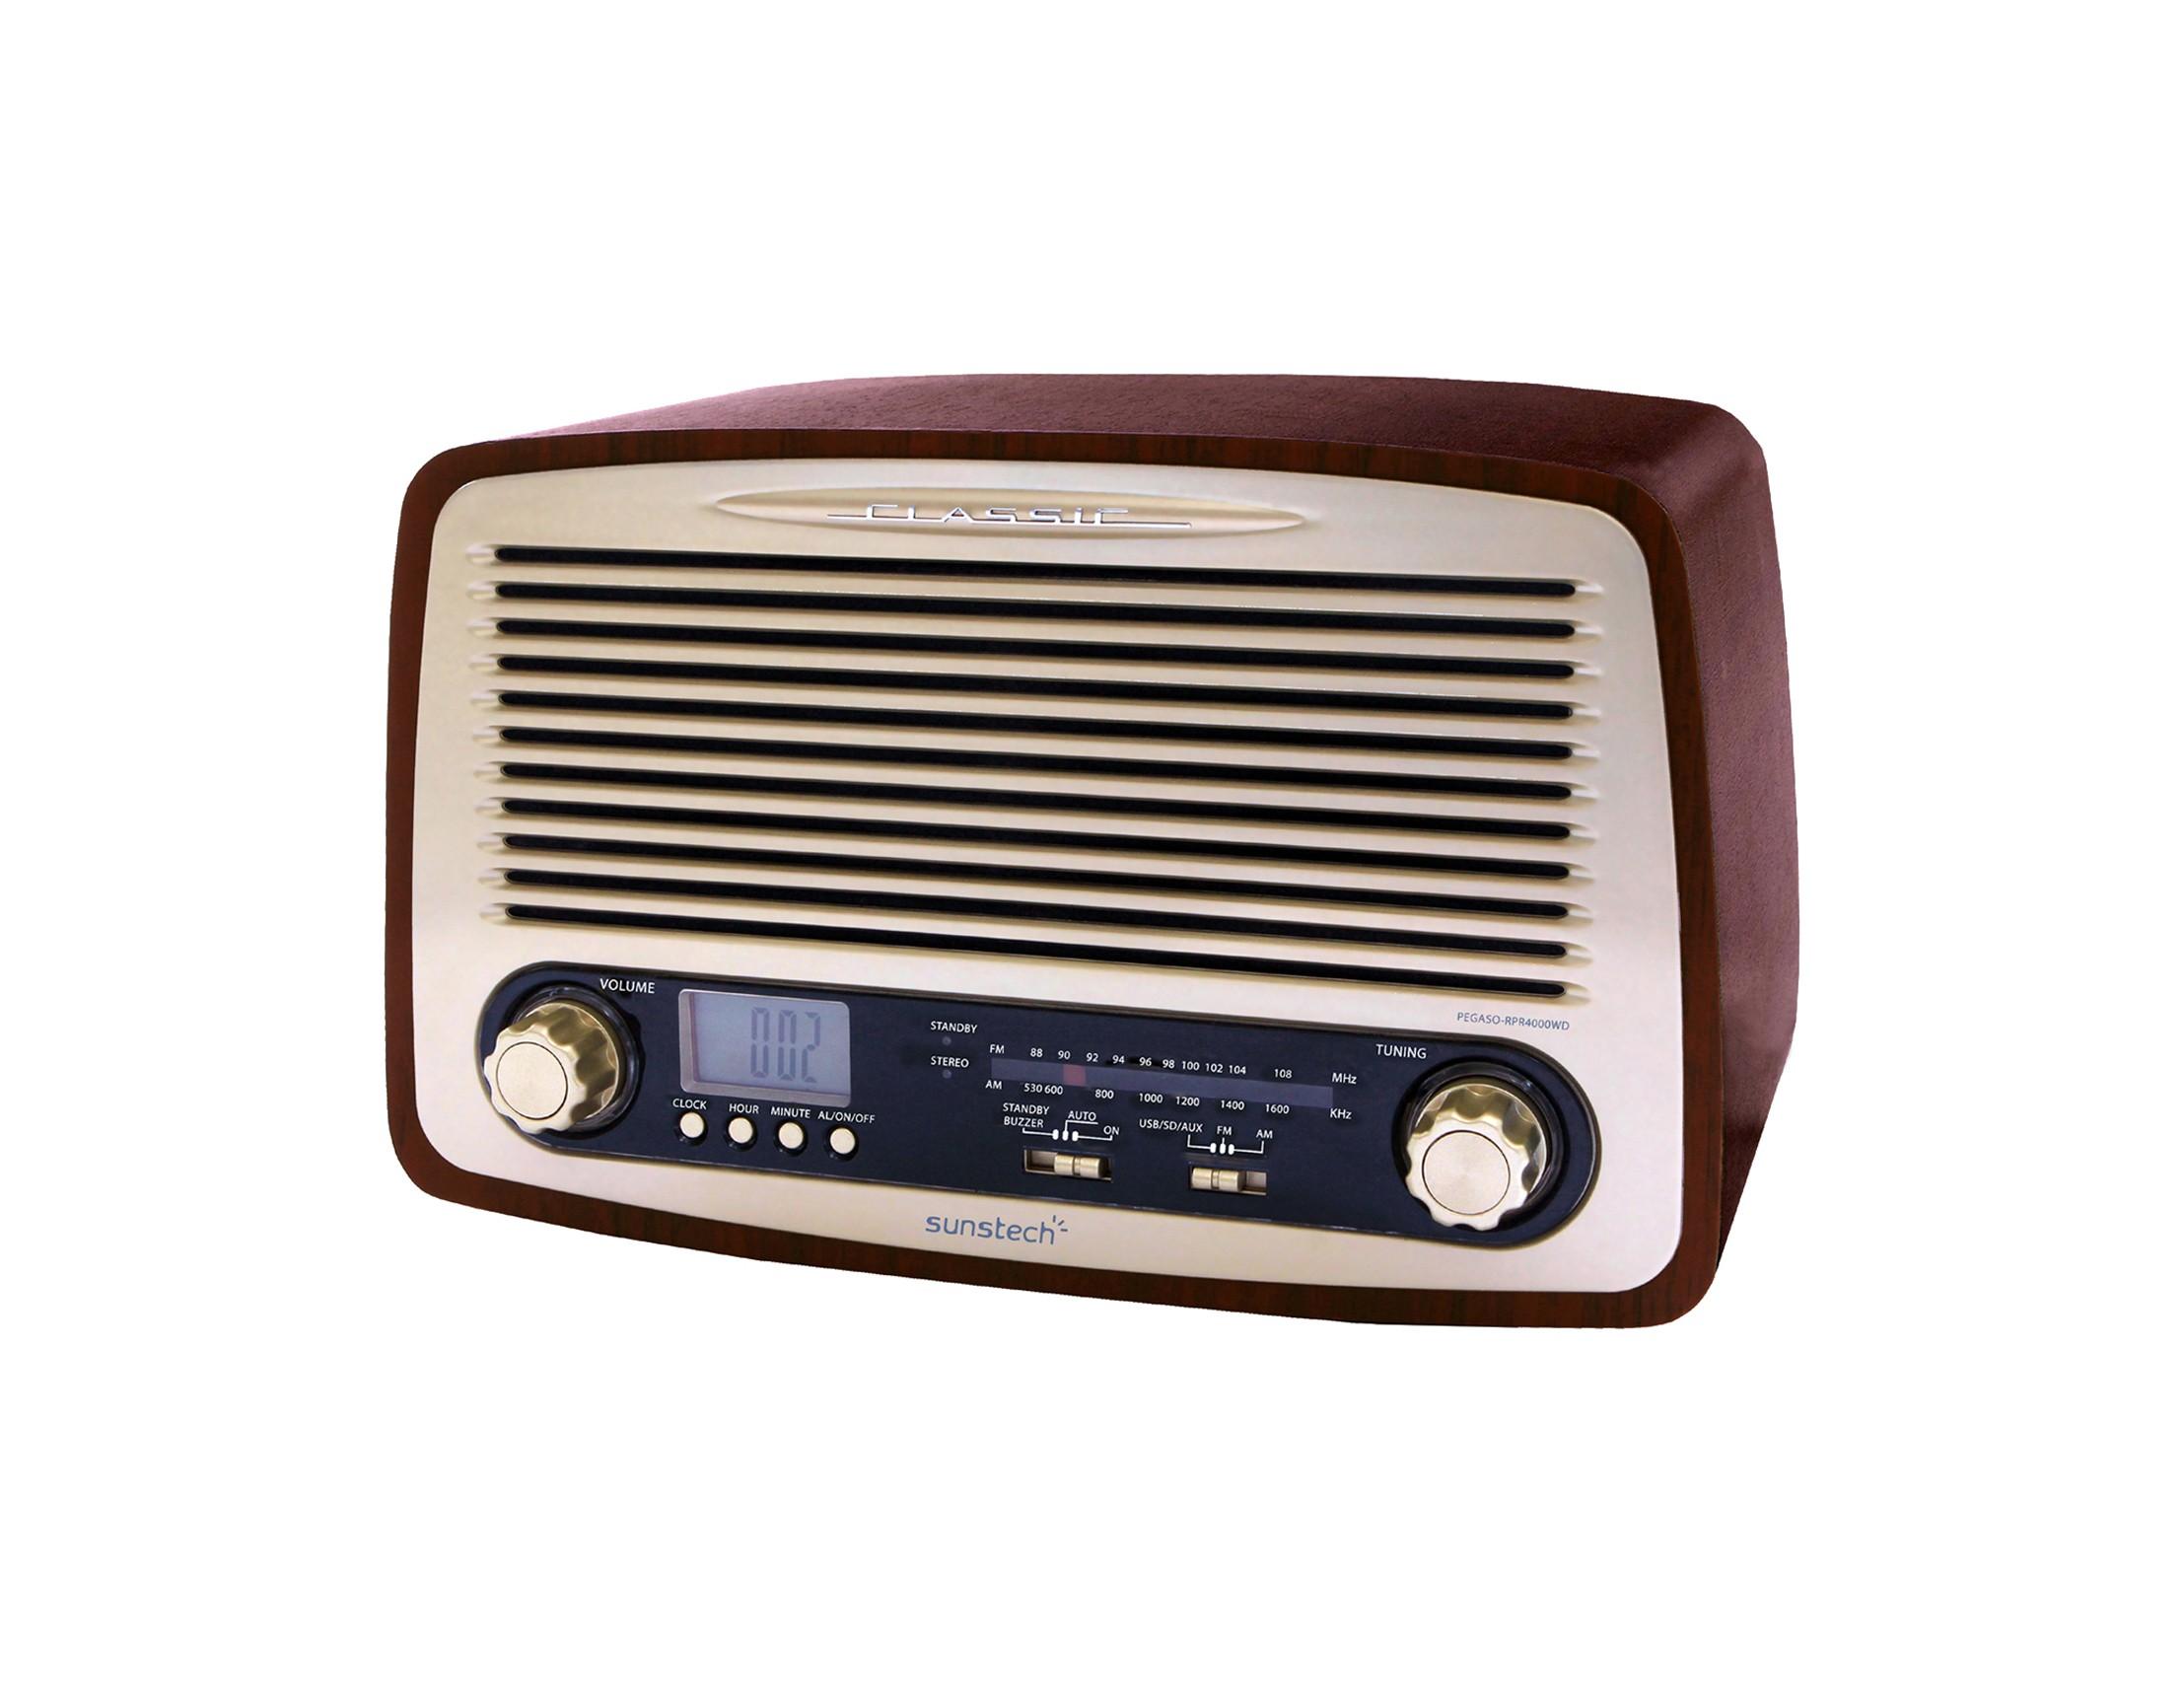 radio sunstech rpr4000 retro madera